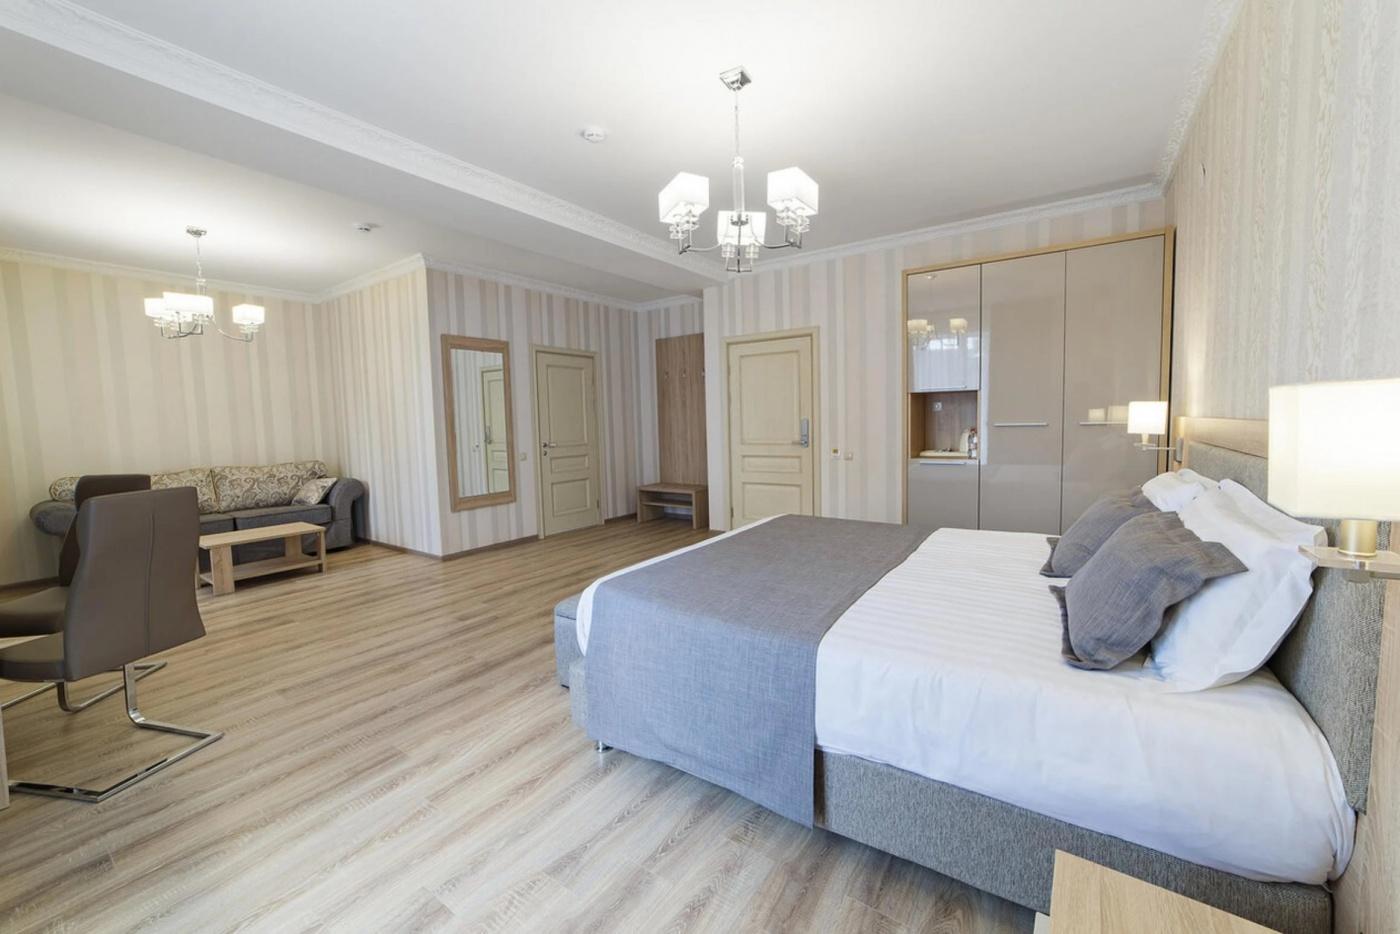 Отель «Alean Family Hotel Usadba 4*» Краснодарский край Стандарт Улучшенный 2-местный , фото 3